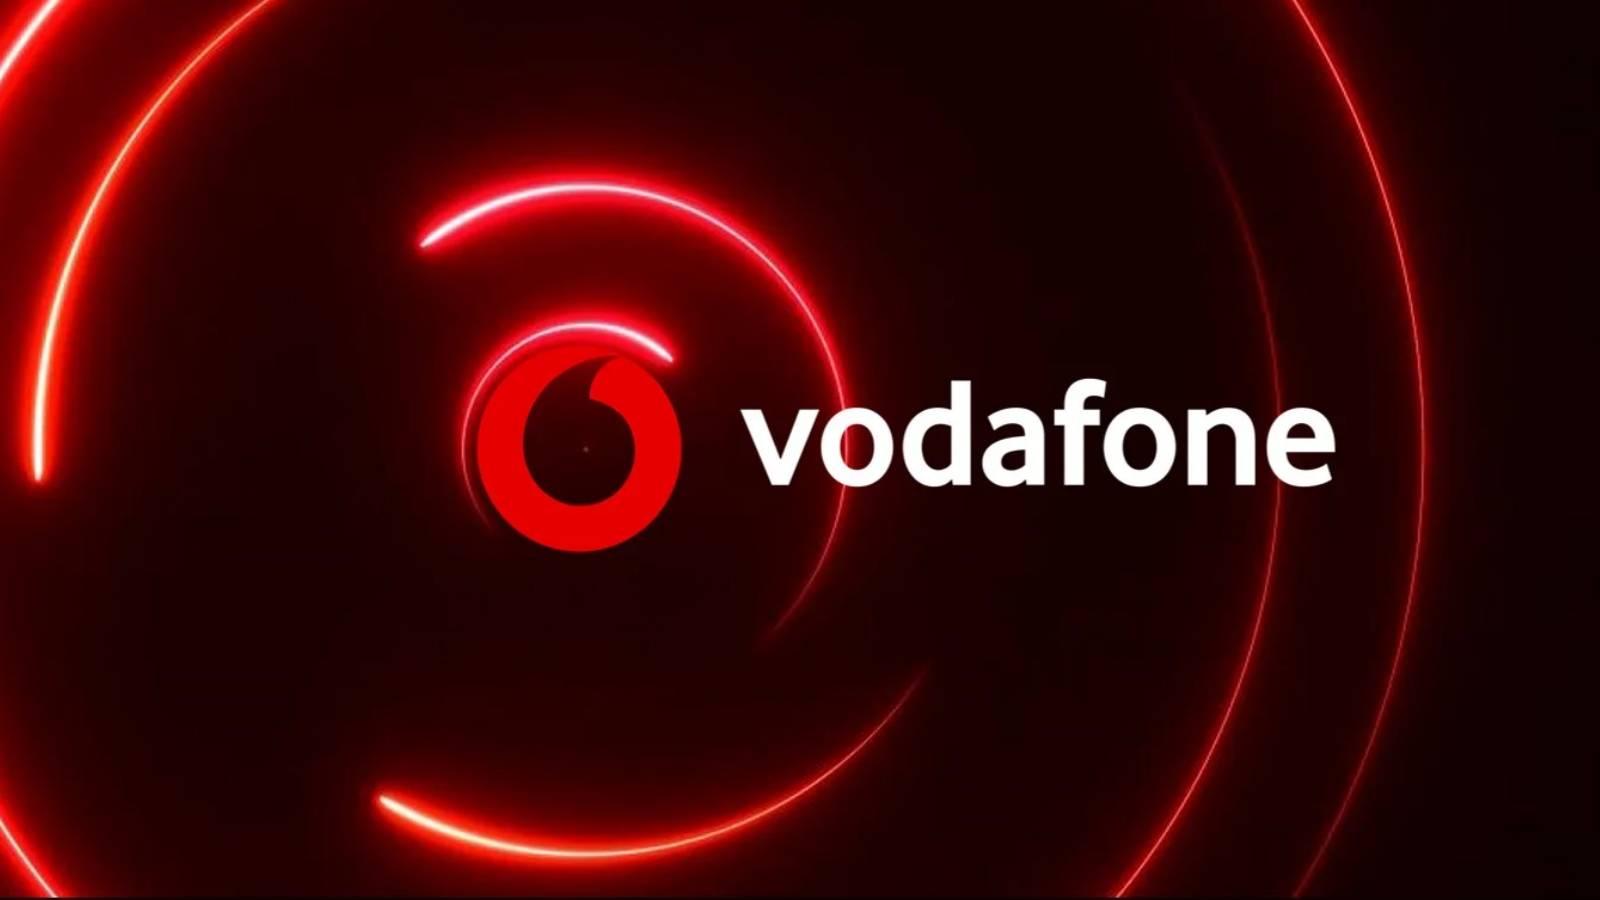 Vodafone KARDASHIAN